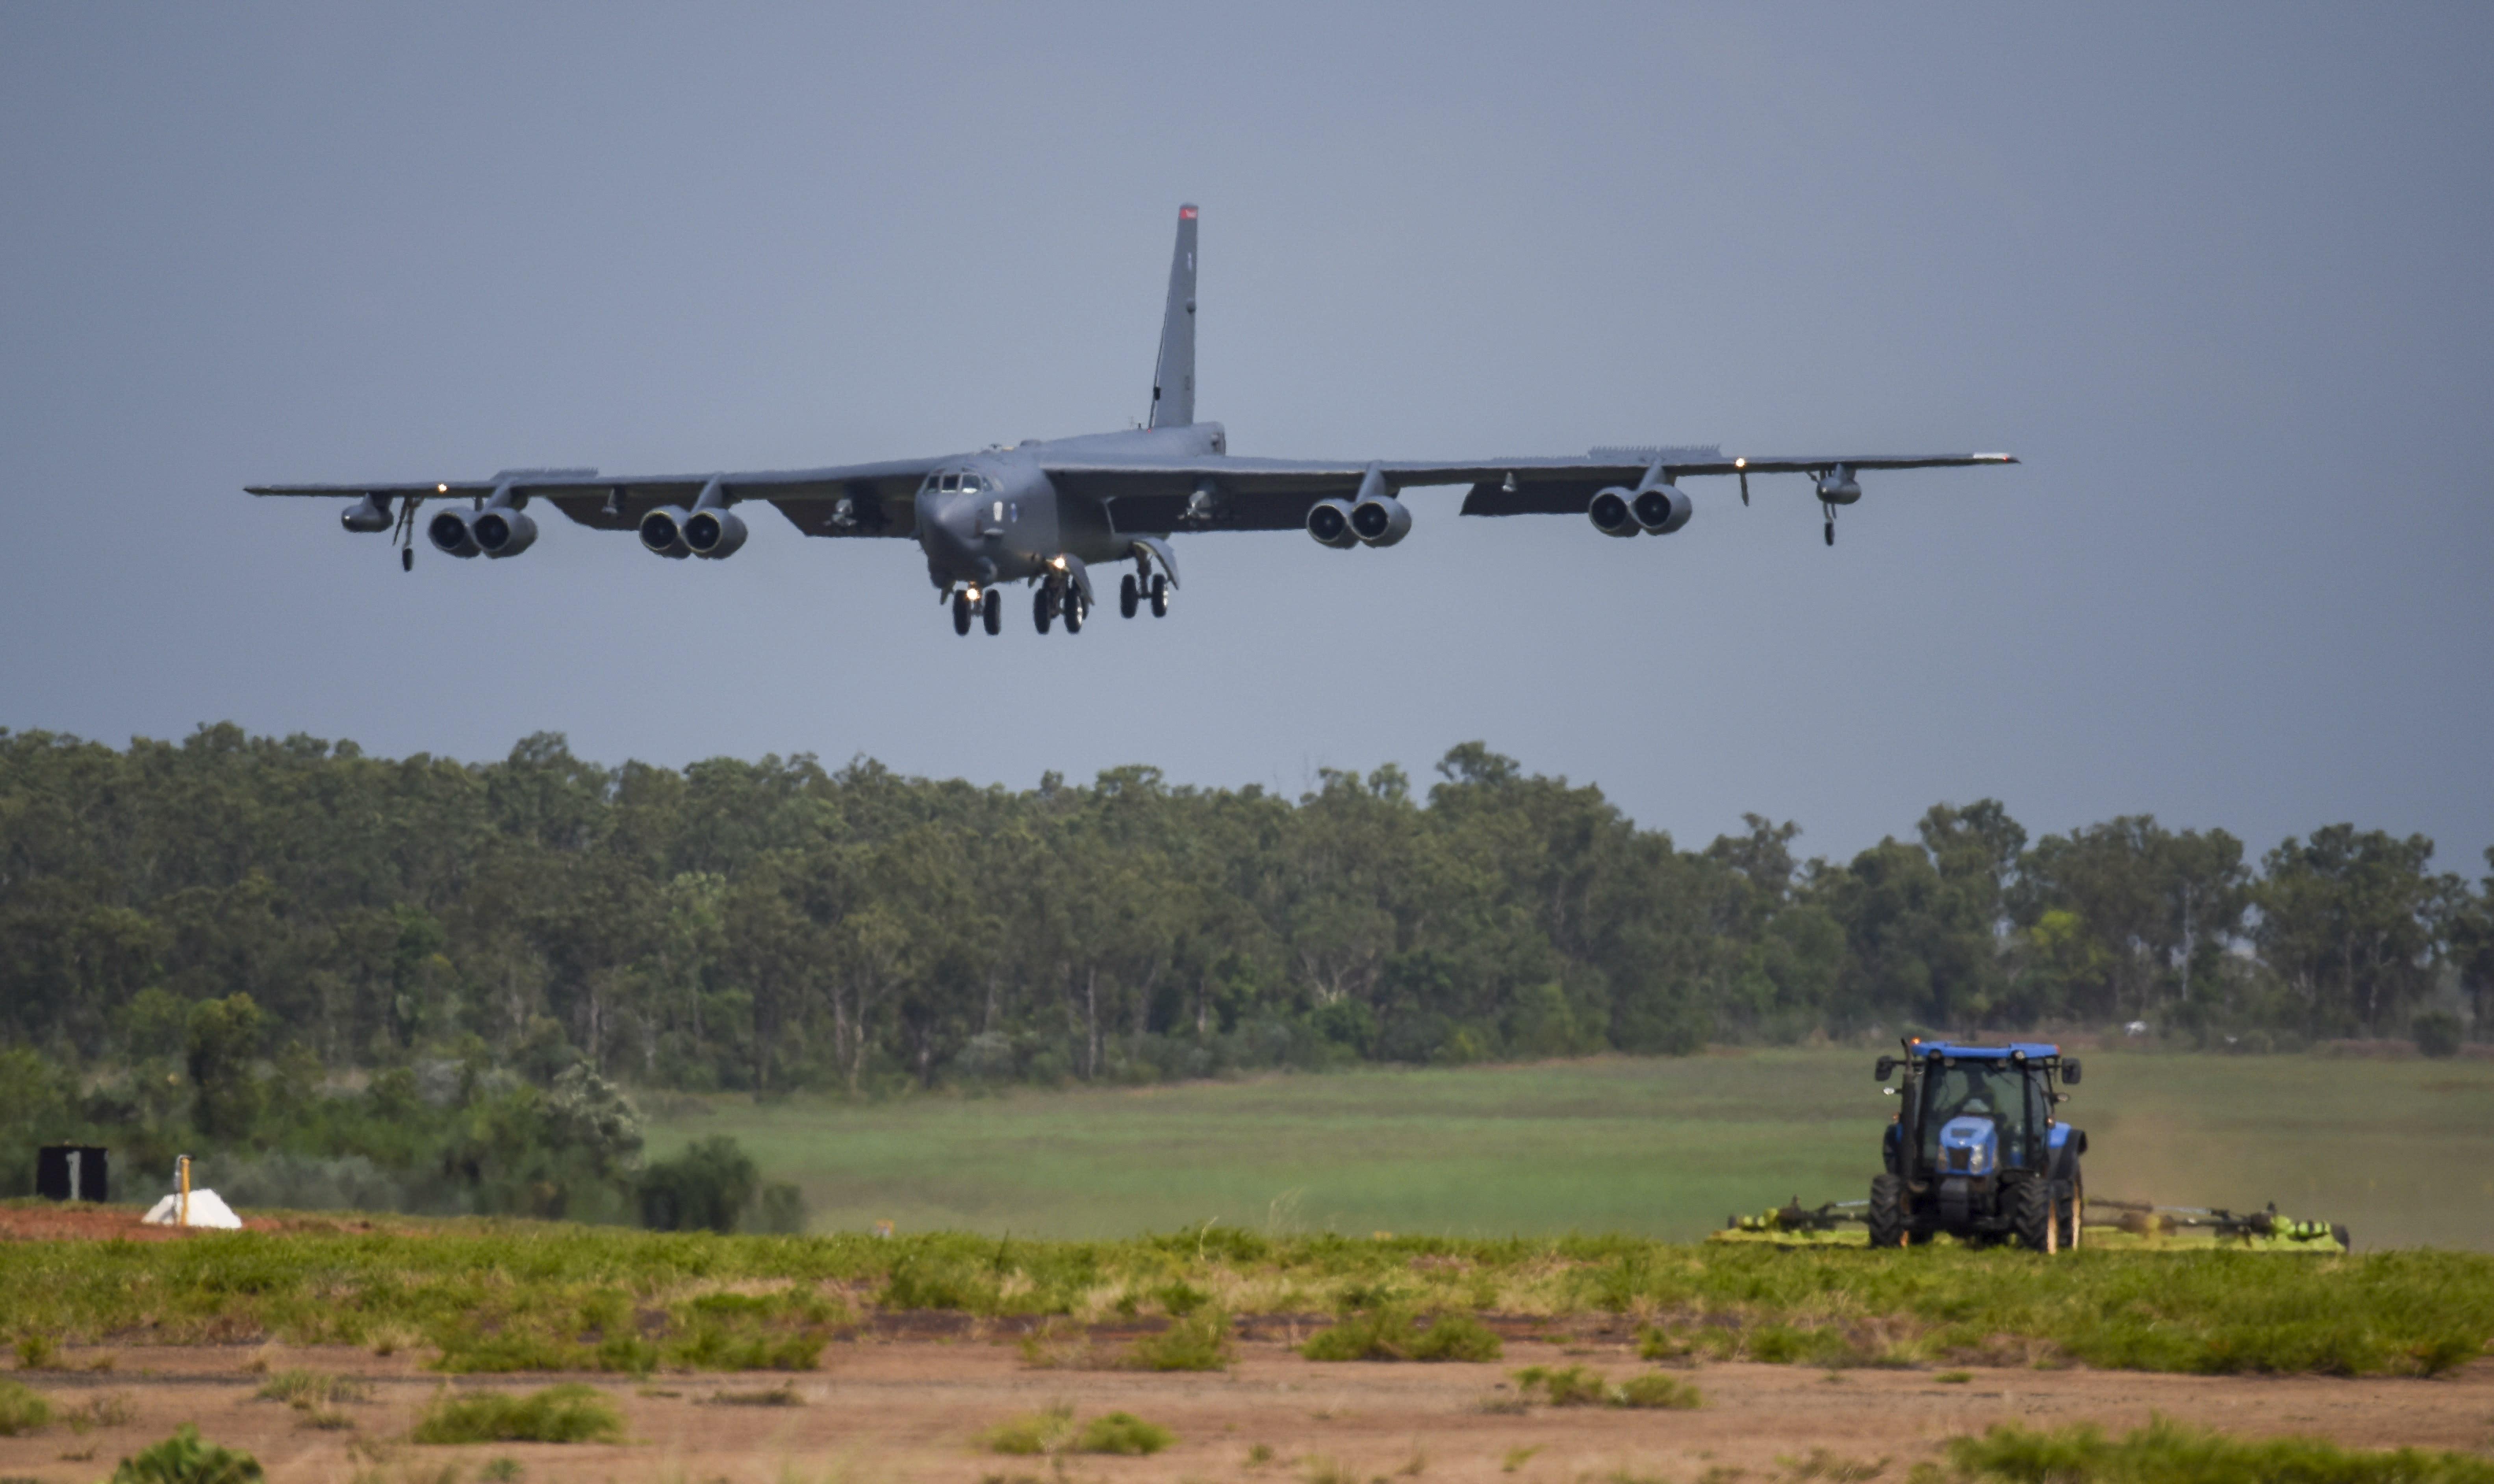 """12月6日,一架美国空军B-52同温层堡垒轰炸机,分配给第96远征炸弹中队,从路易斯安那州的巴克斯代尔空军基地部署,在""""闪电聚焦""""演习期间降落在澳大利亚达尔文的澳大利亚皇家空军基地(RAAF)。 2018年。美国空军周五表示,这是最近演习的一部分,目的是展示美国的能力和支持盟国的能力,美国空军在俄罗斯远东以北的东西伯利亚海域上空飞行了三架B-1重型轰炸机。一名俄罗斯指挥官被抨击为""""敌对和挑衅""""。 一周前,三架位于德克萨斯州的美国空军预备役B-1 Lancer轰炸机进行了飞行,一周前进行了类似的飞行任务,其中三架临时位于英国的B-52轰炸机在俄罗斯西翼附近的乌克兰领空飞行。 (我们"""